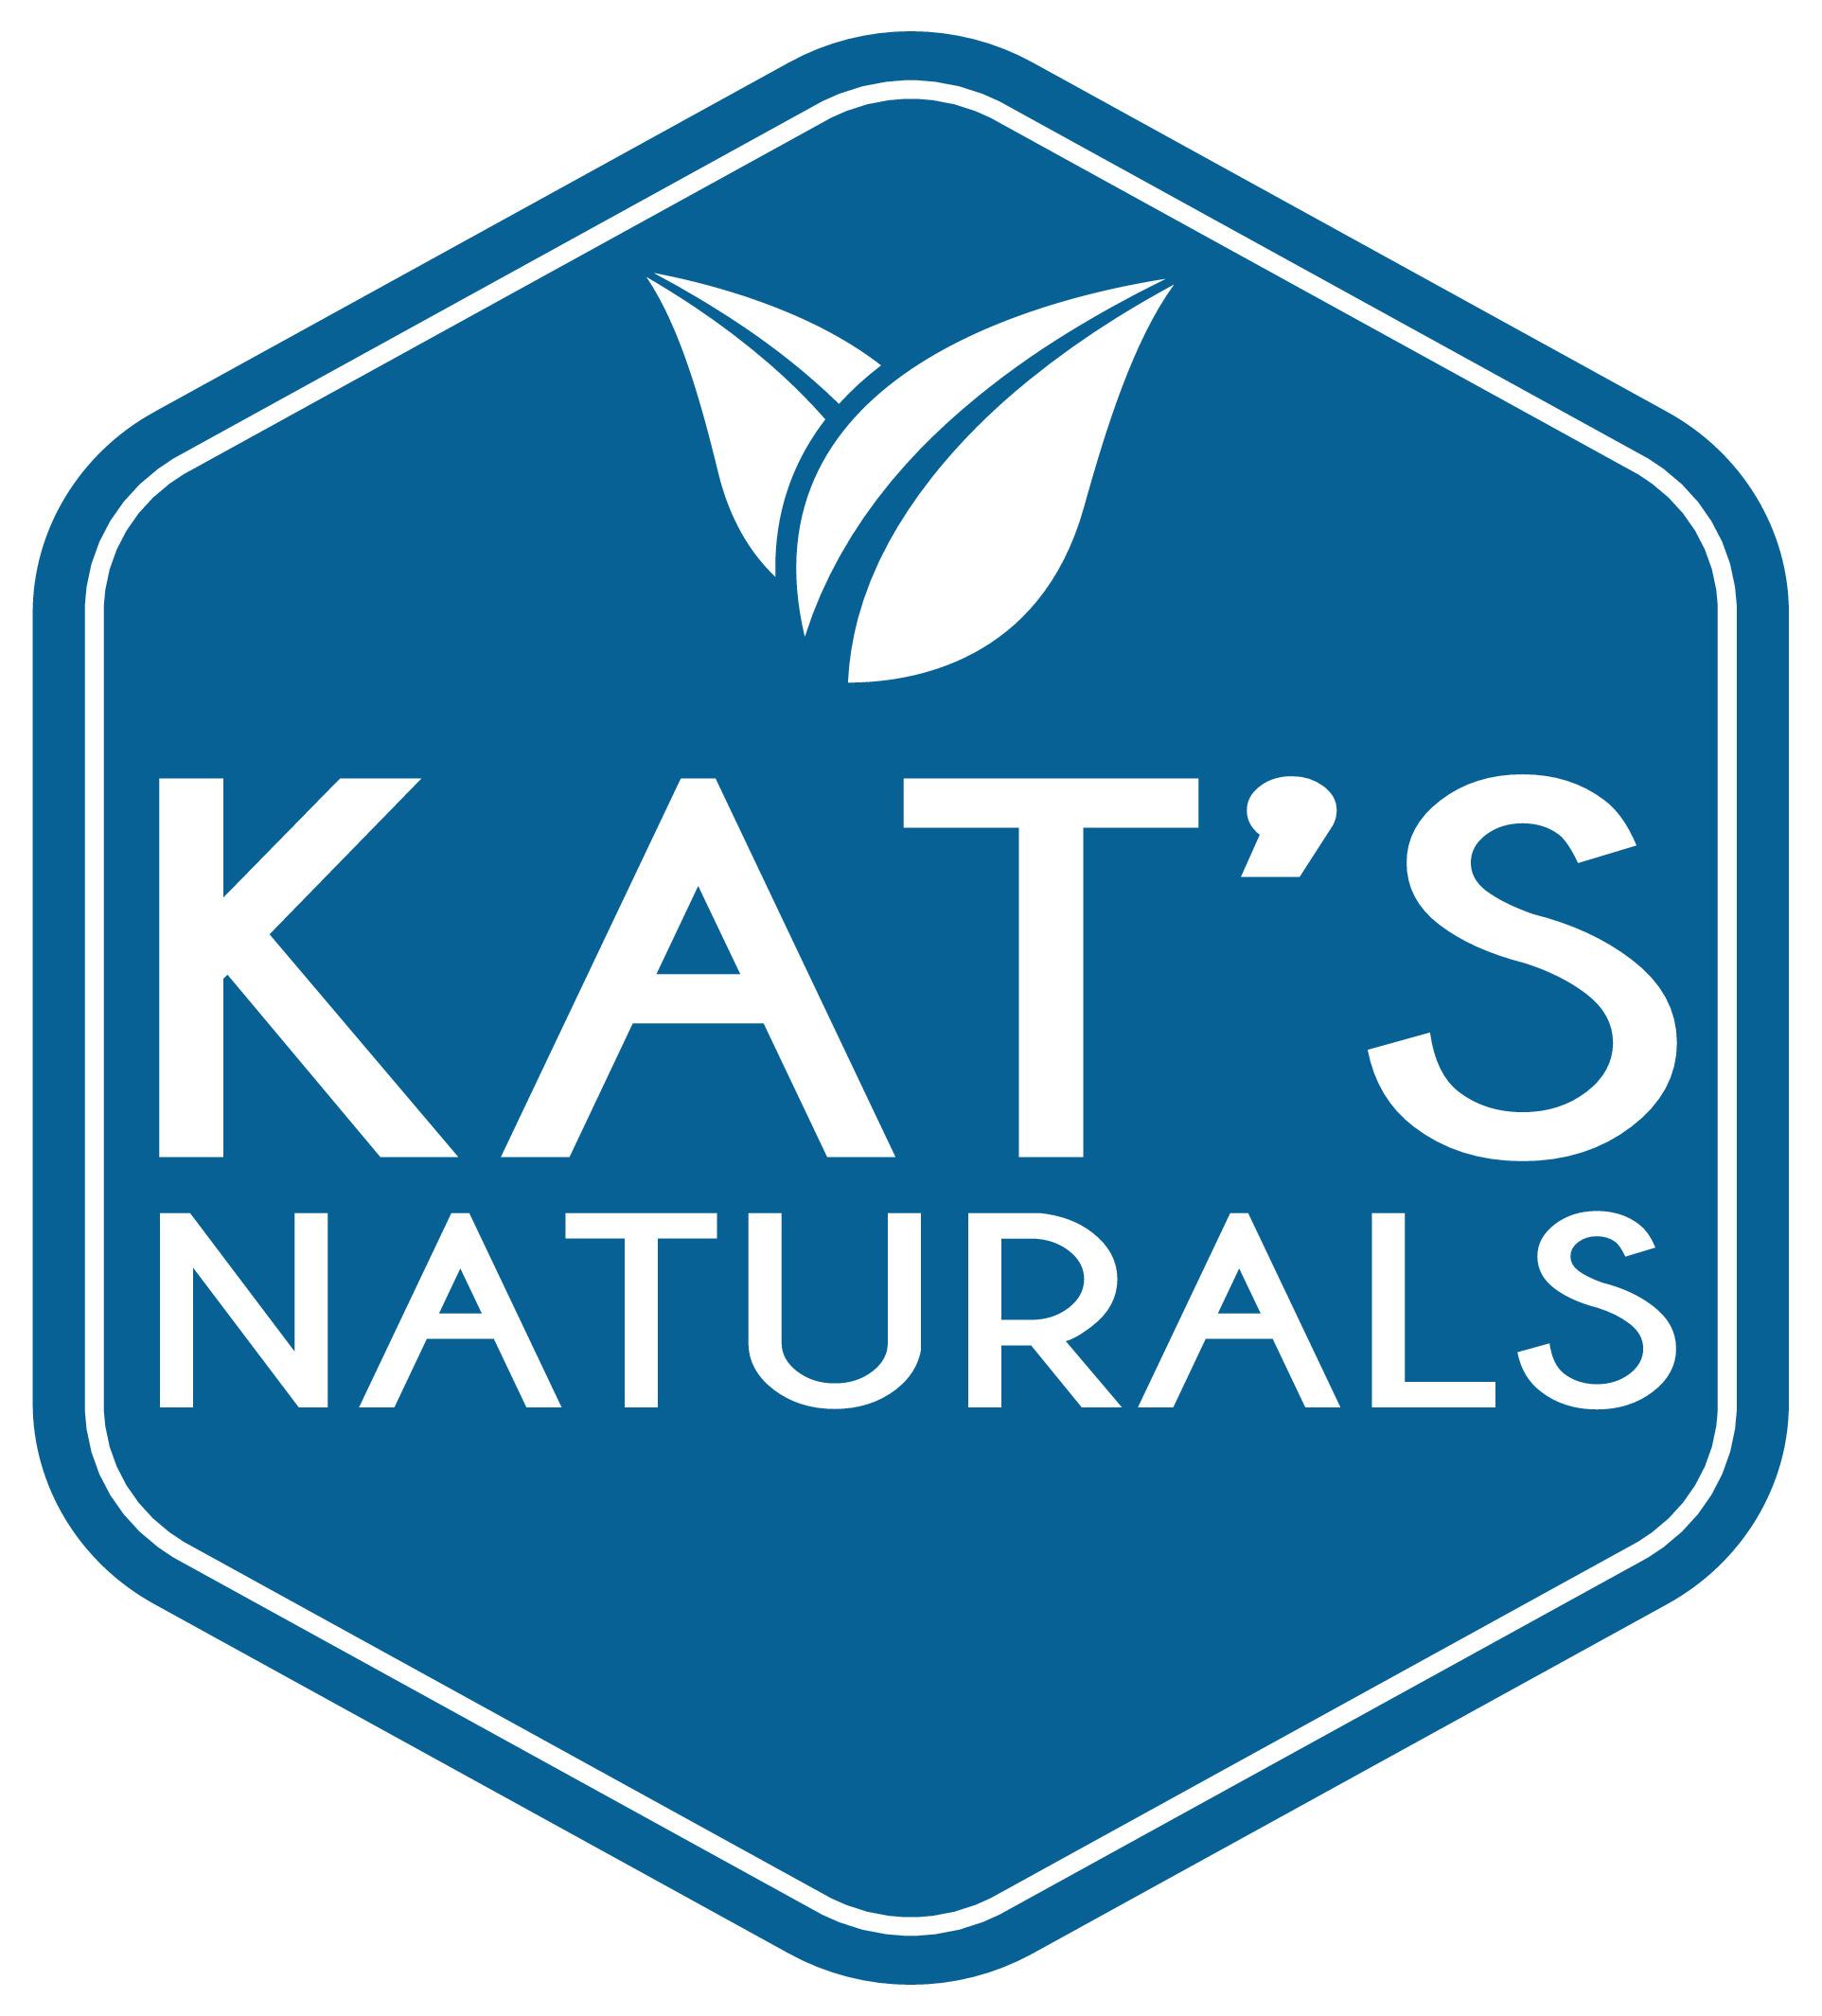 Kat's Natural